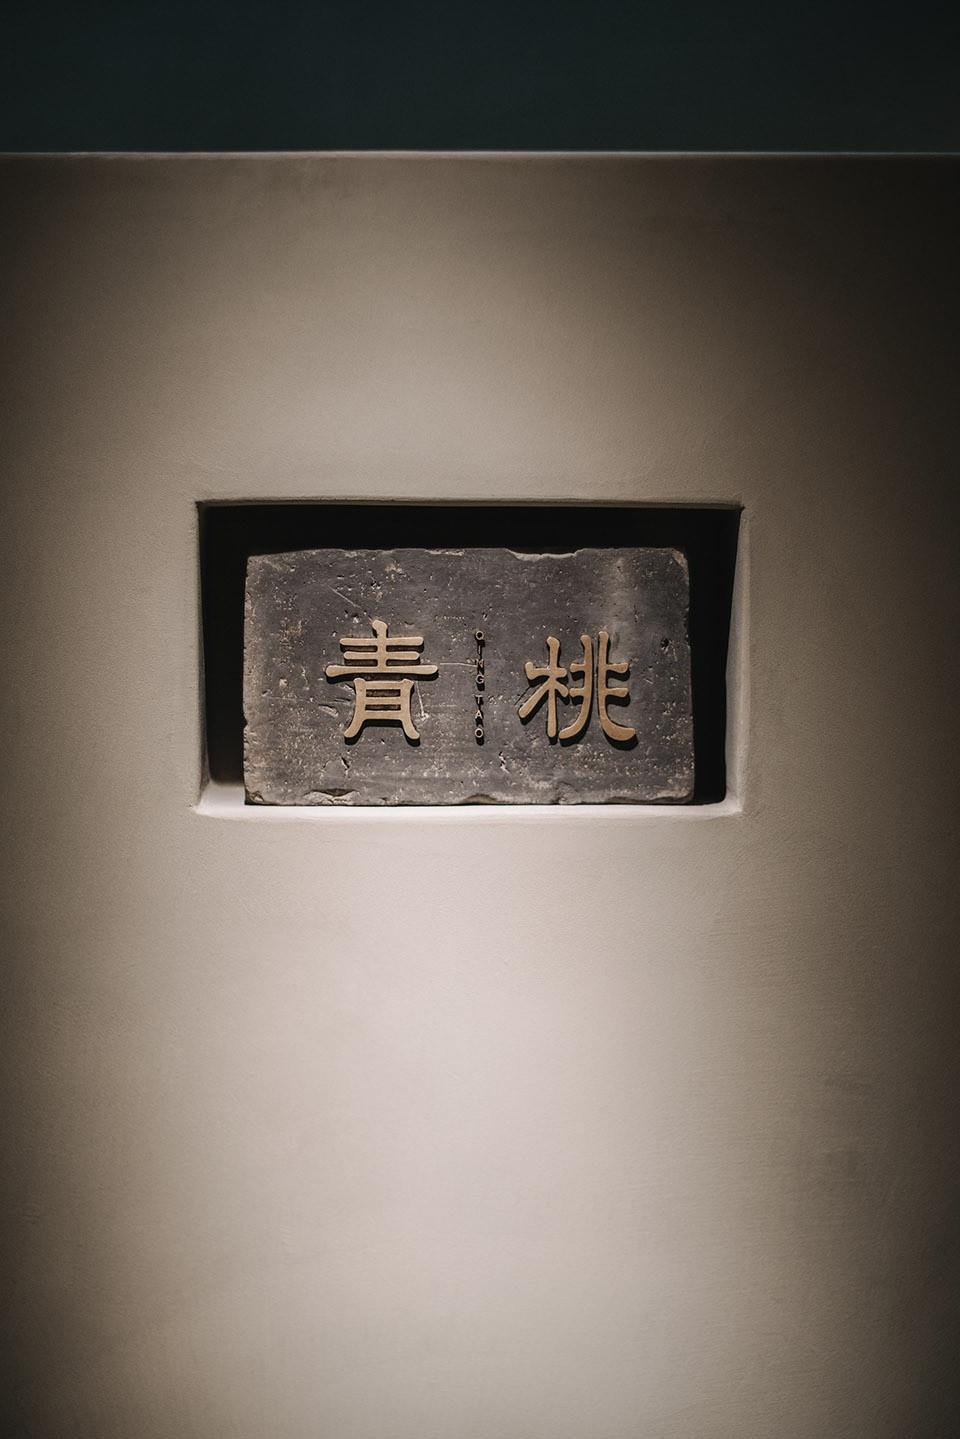 青桃餐厅·四眼井店,杭州@杭州观堂设计6.jpg